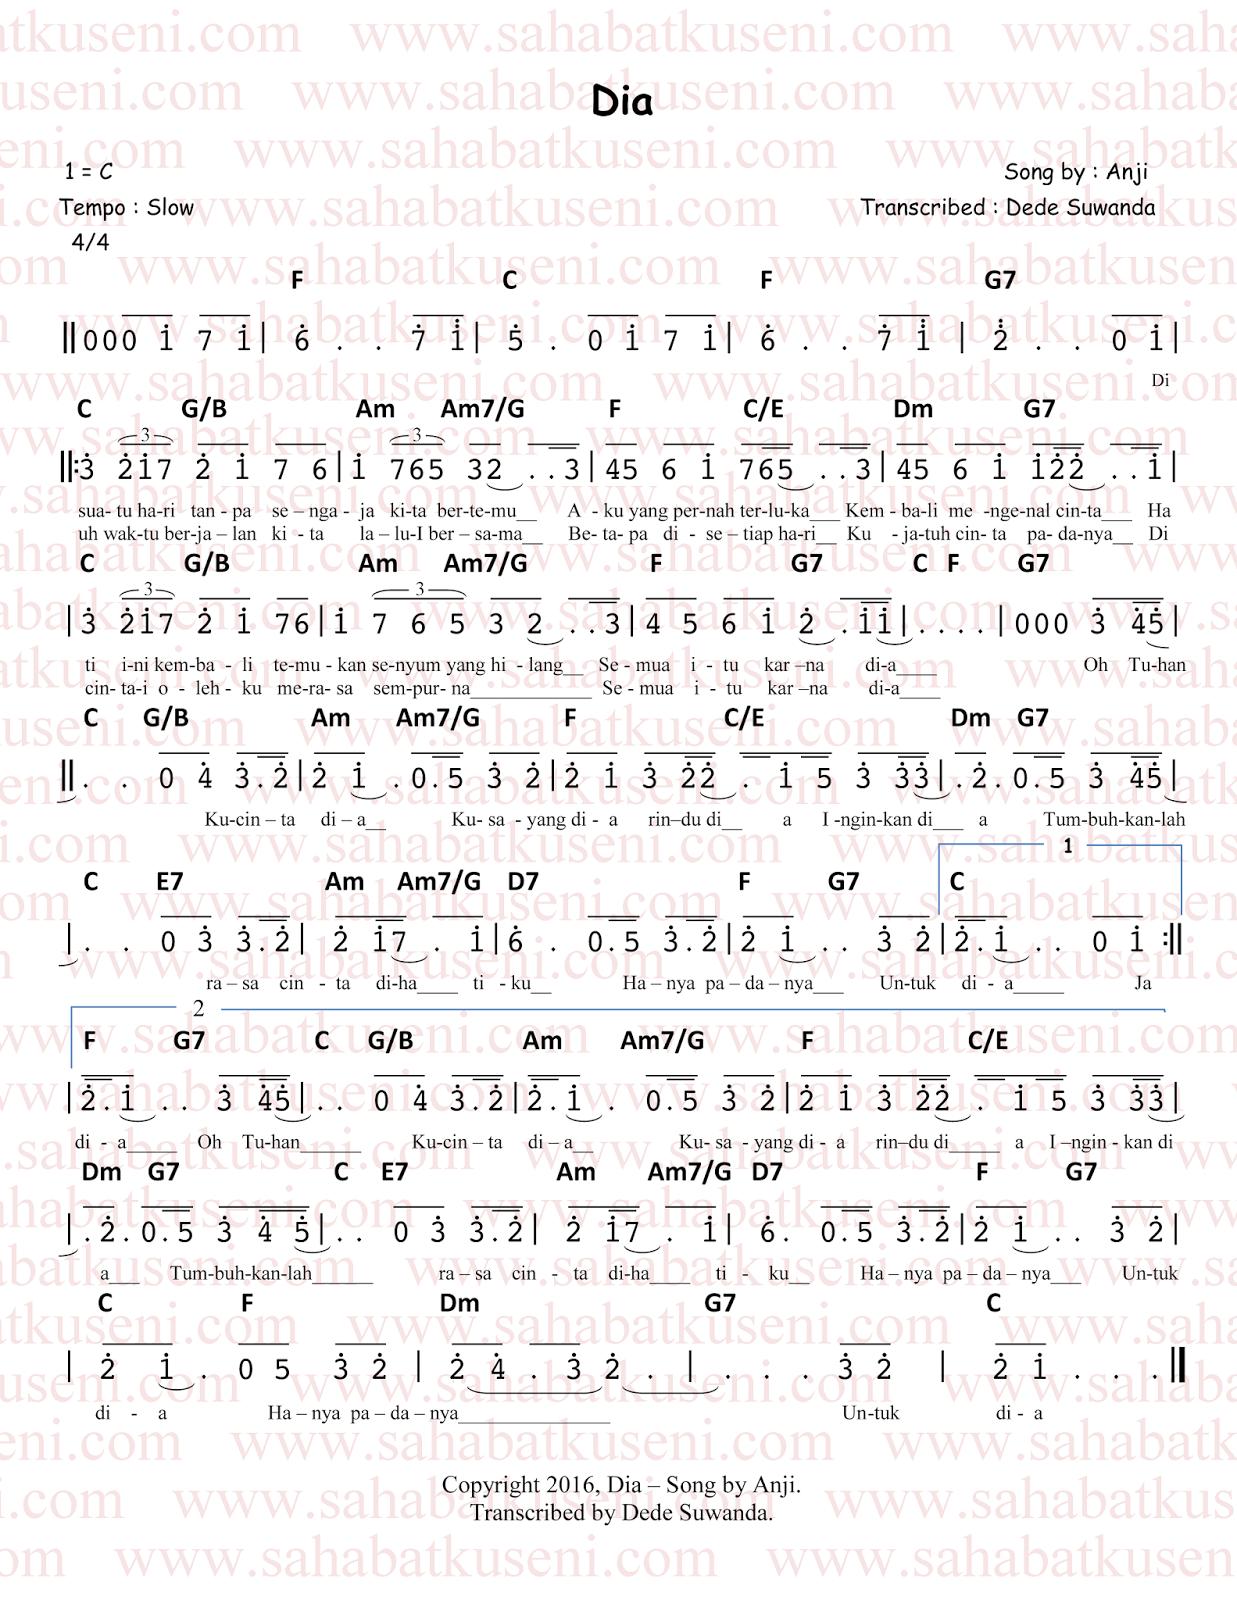 not angka lagu dia anji berikut lirik dan chord